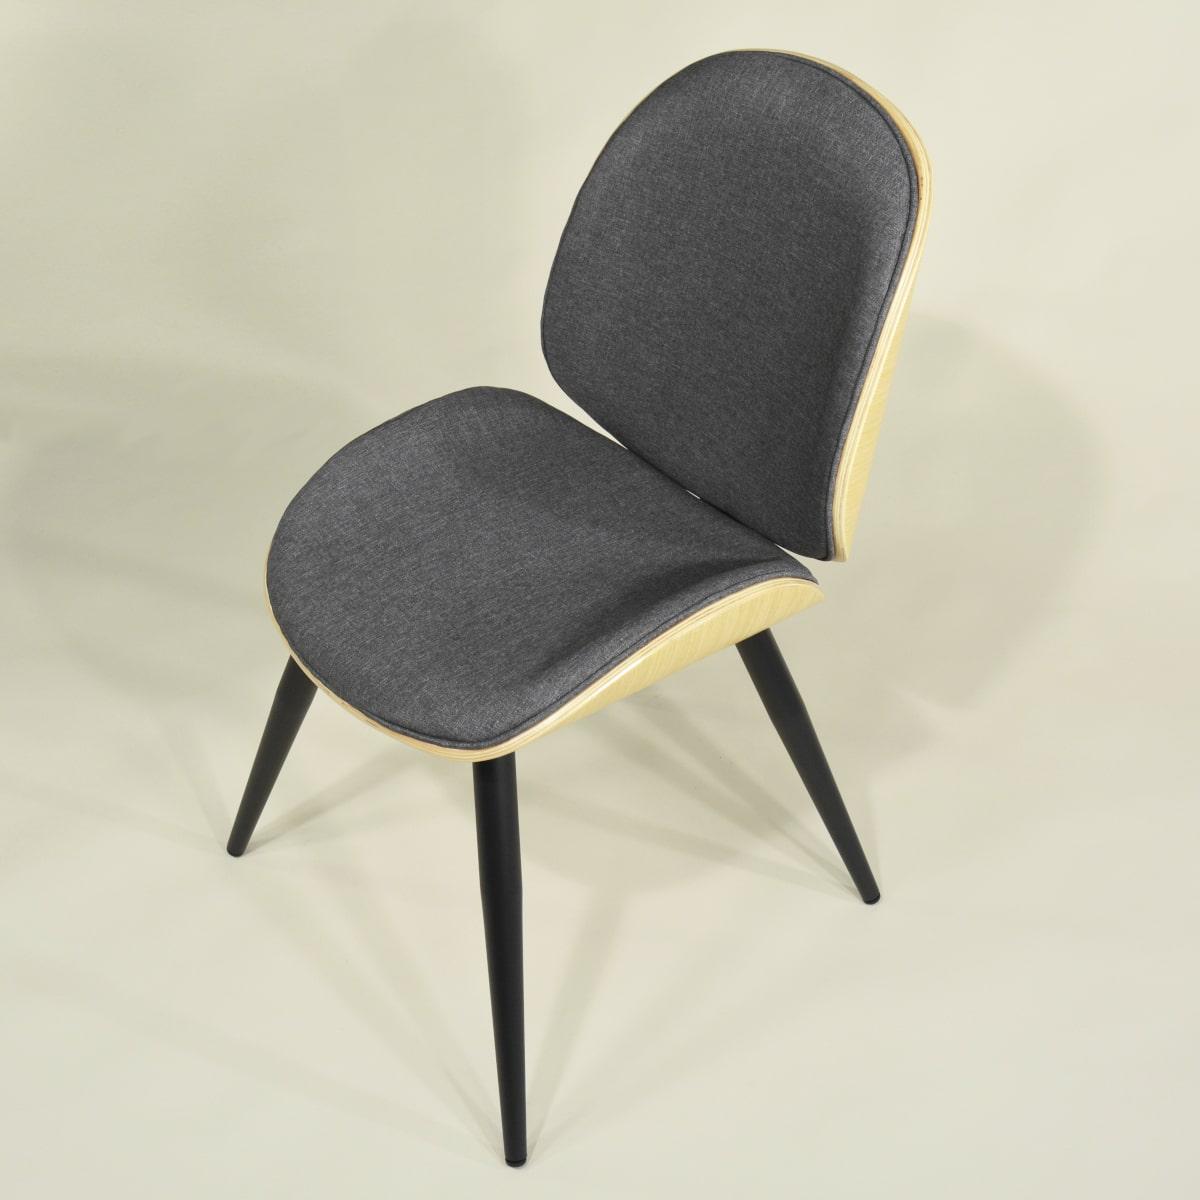 Design Stuhl Formholz Beine Metall schwarz